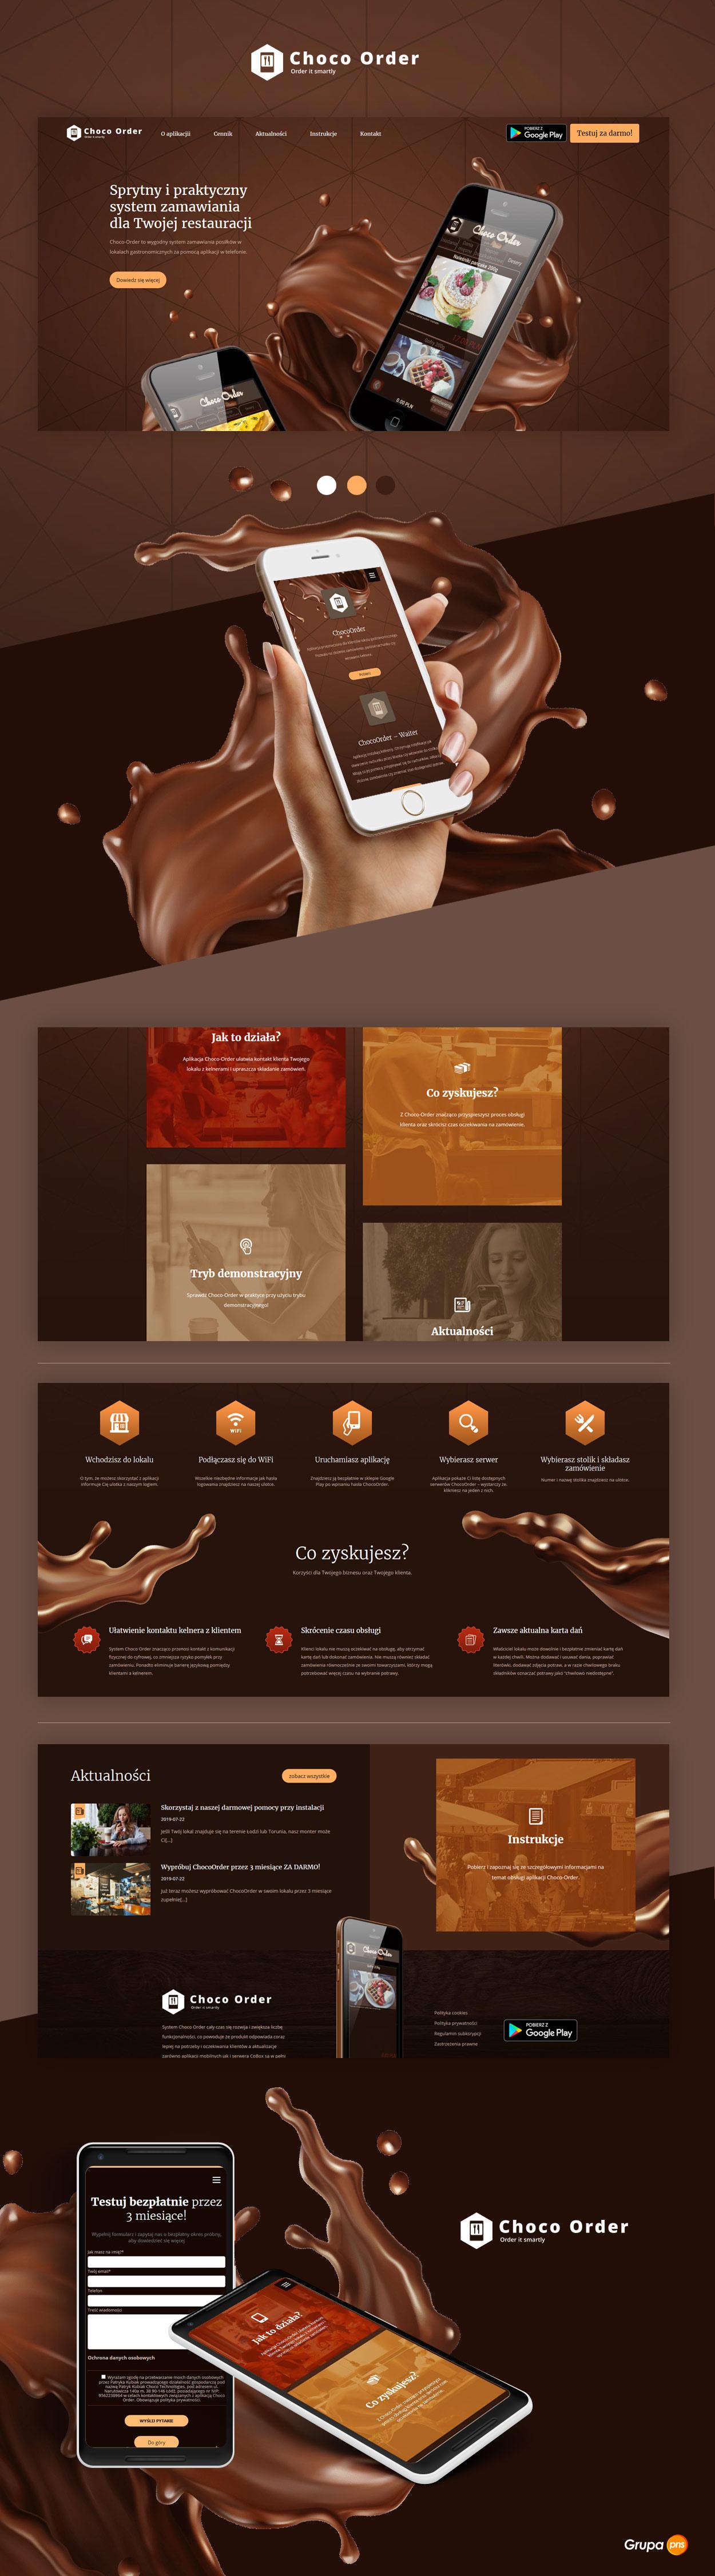 projekt-strony-www-aplikacja-choco-order-dla-restauracji